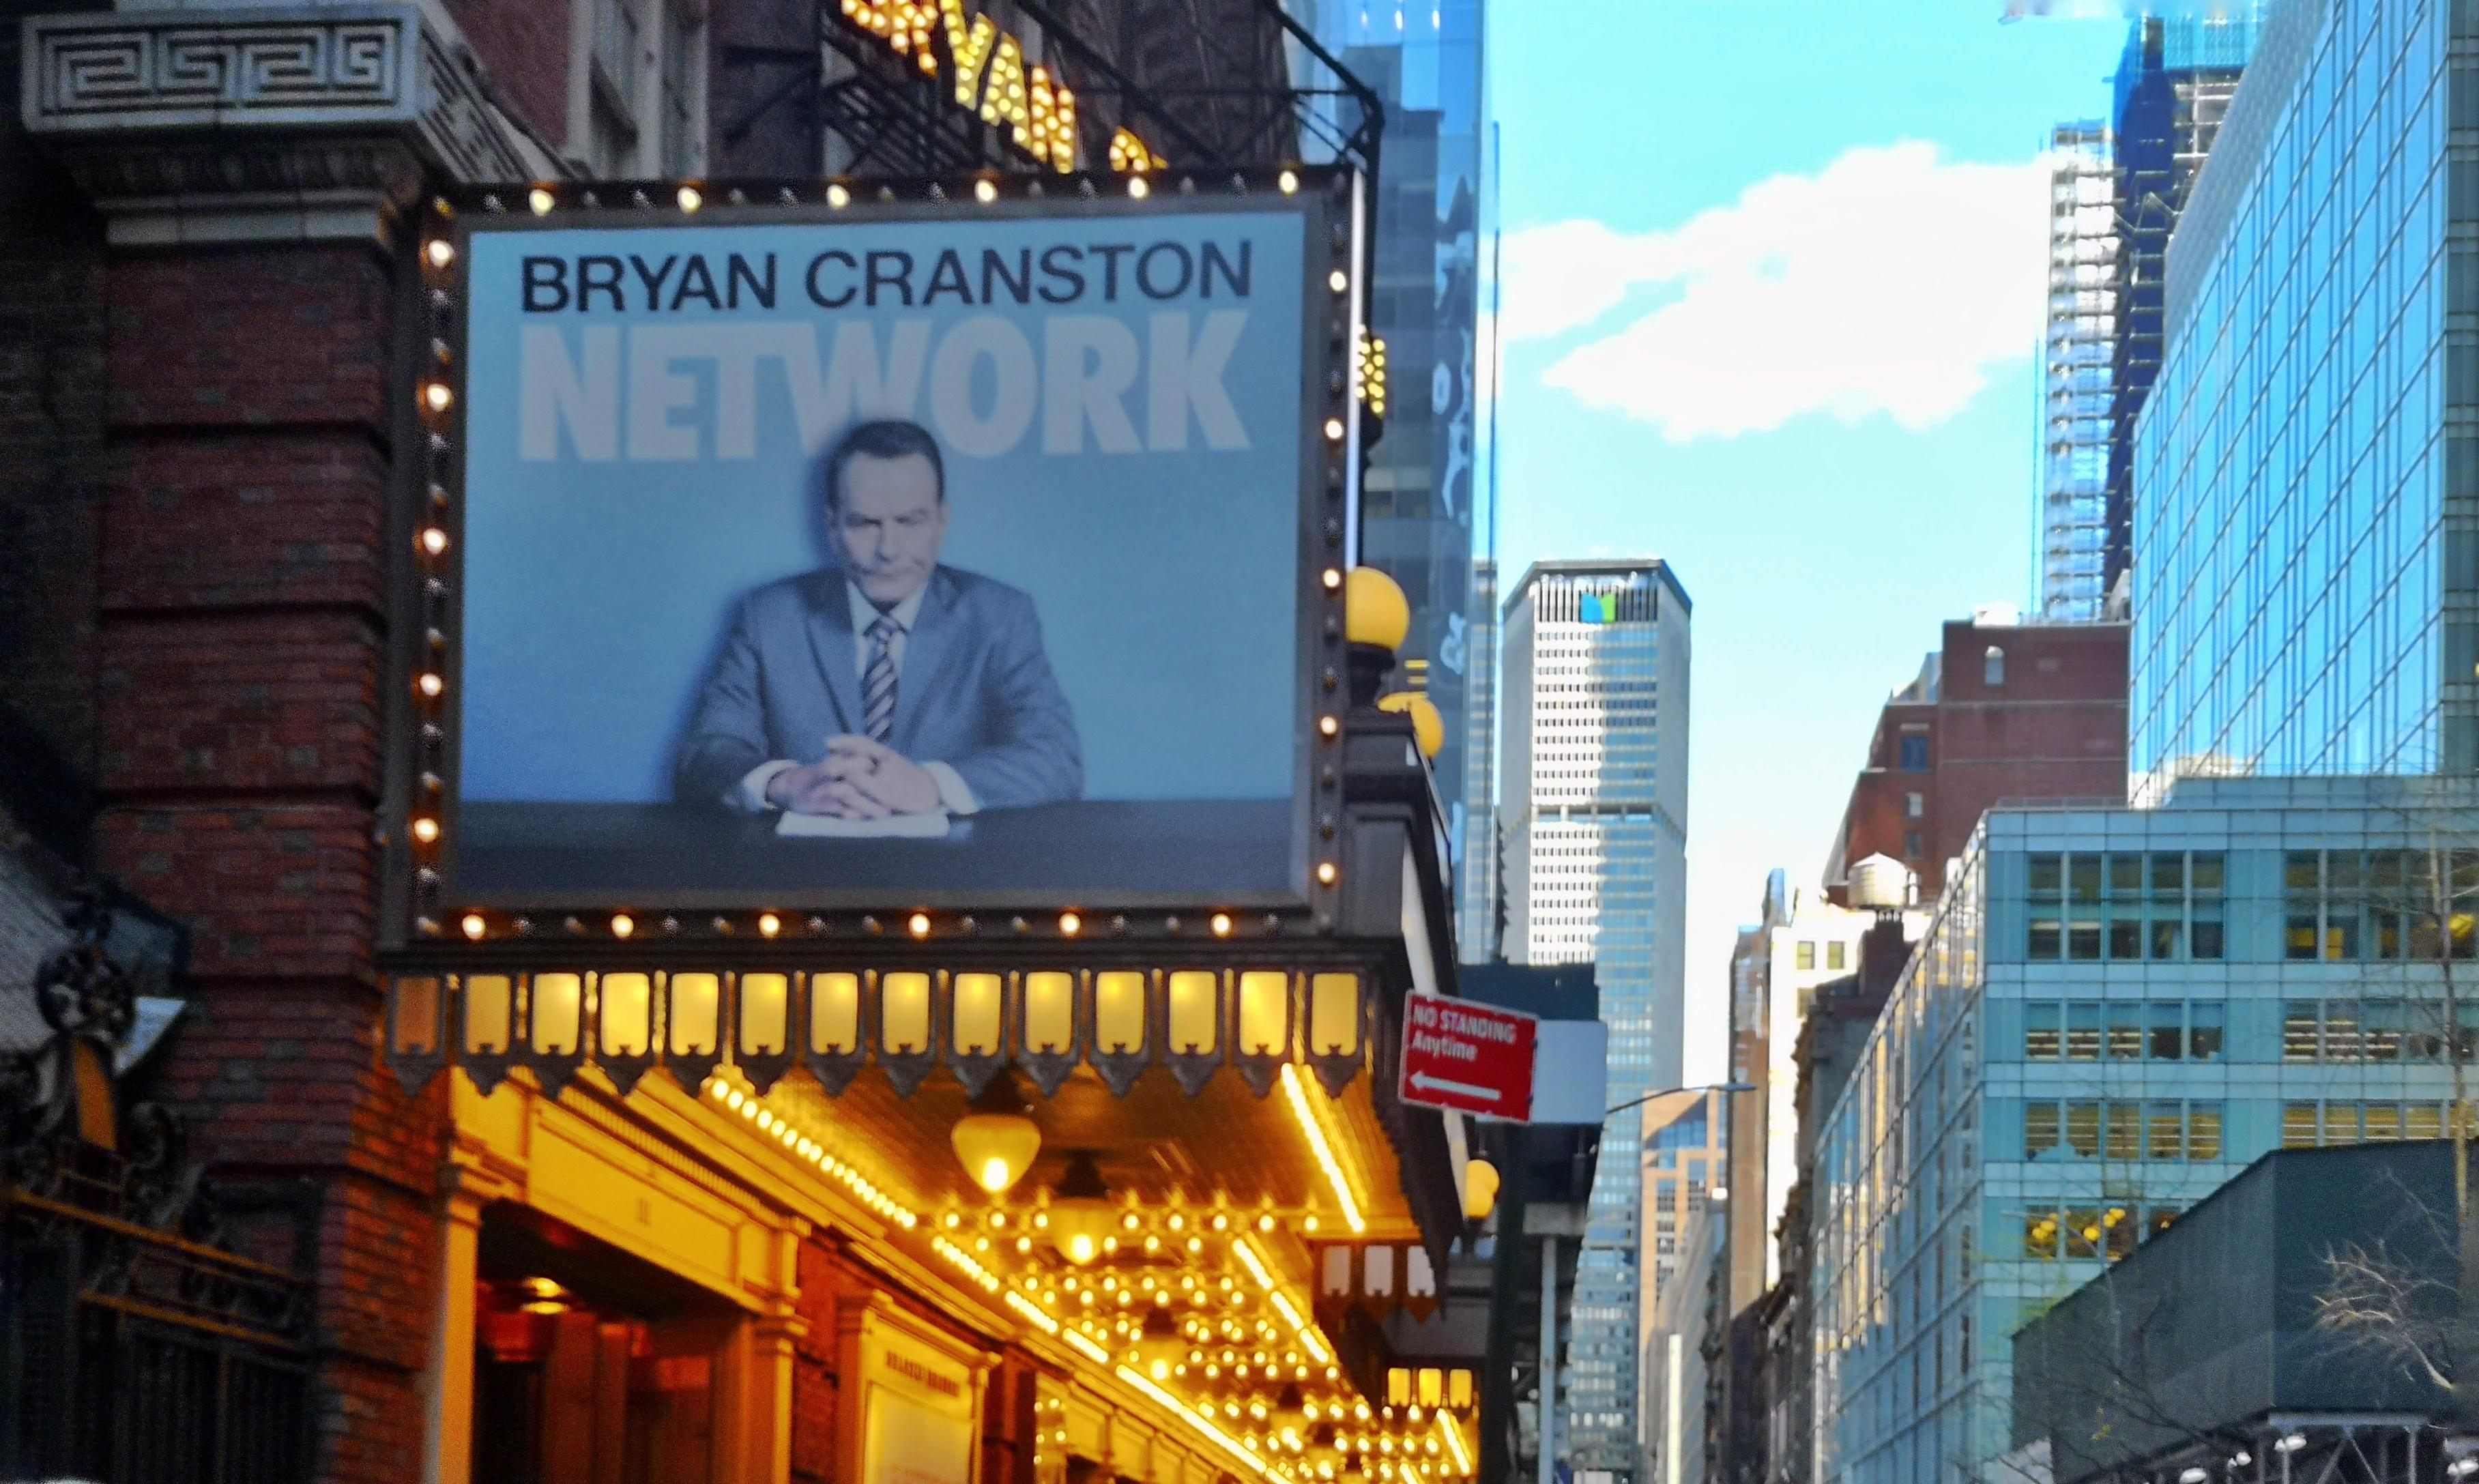 Broadway - piesa de teatru Nerwork